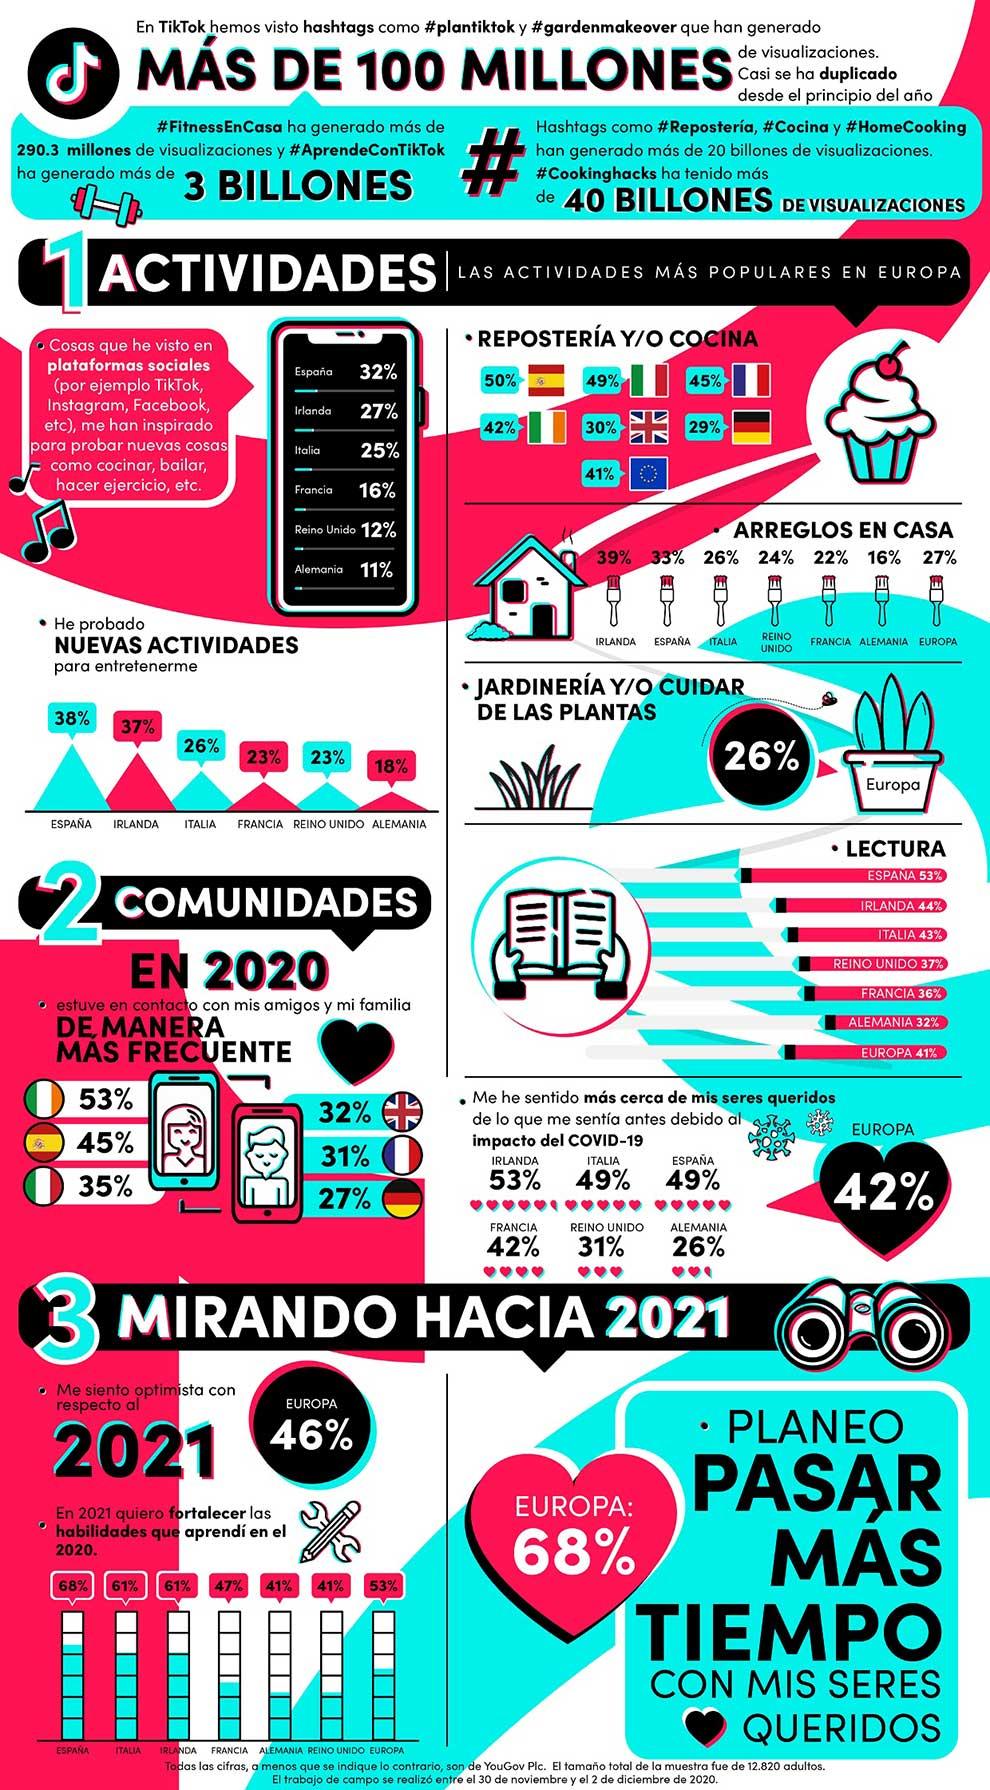 2020: el año de la resiliencia, la unidad y de nuevos hobbies, según un estudio de TikTok